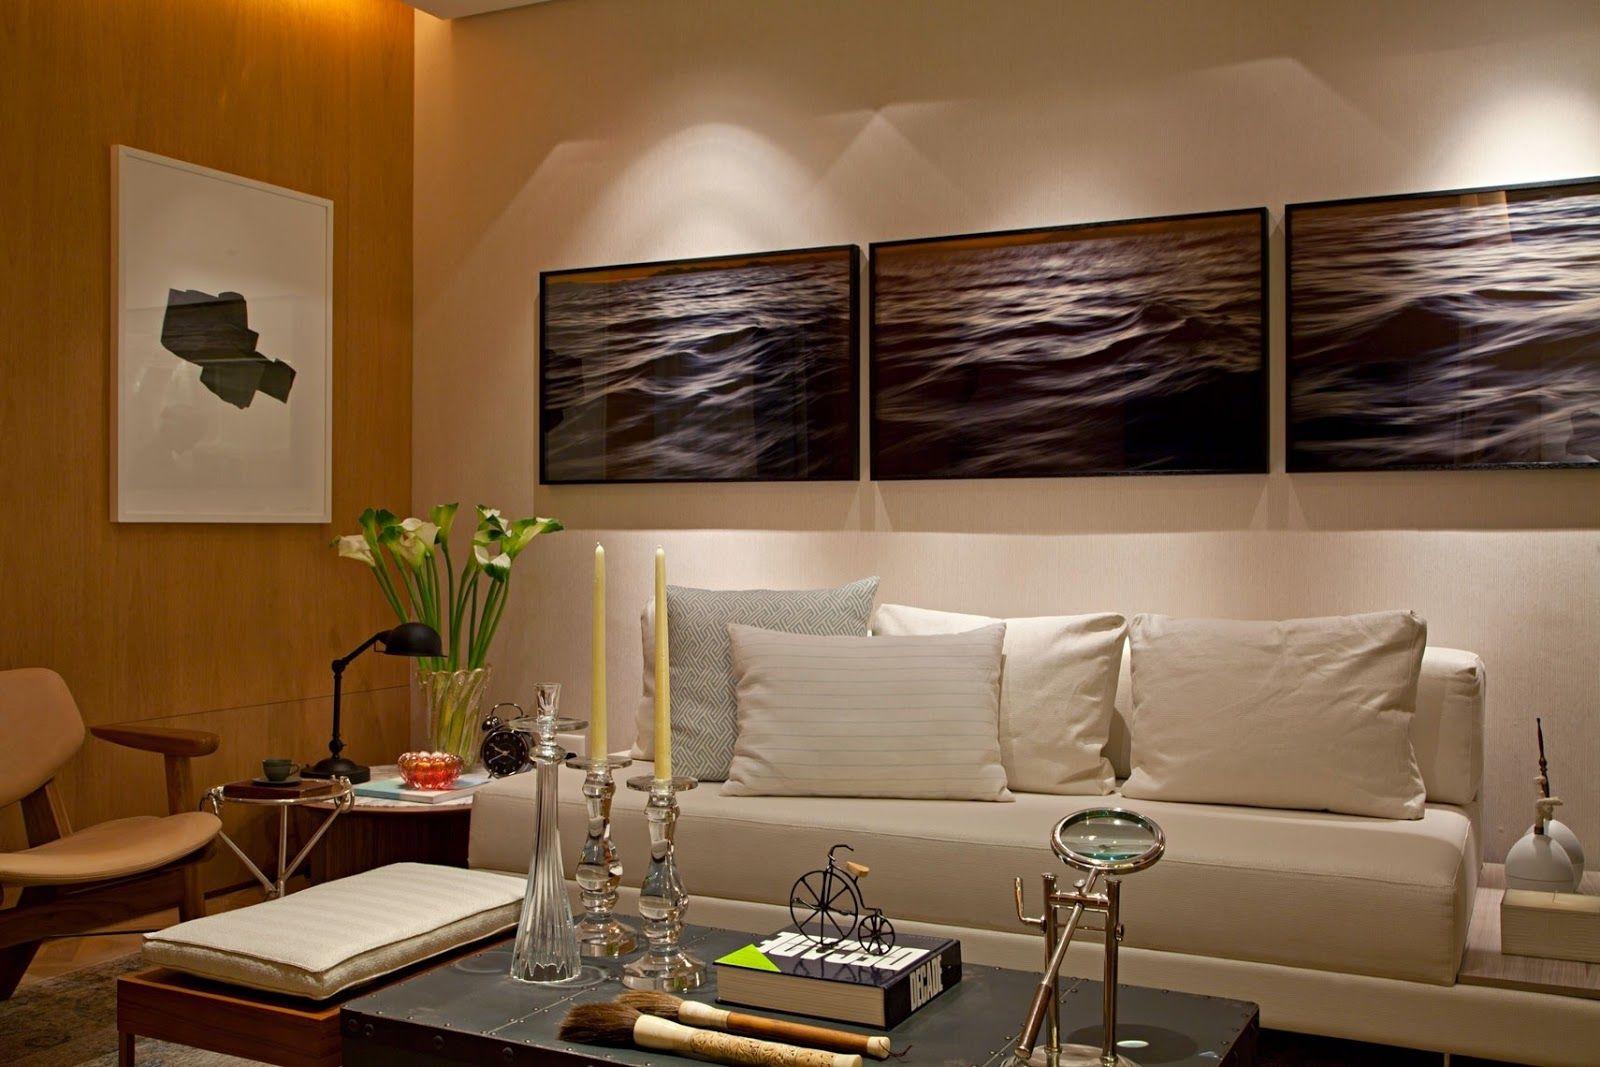 decoracin de salas de estar en espacios reducidos diseo y decoracin del hogar design and